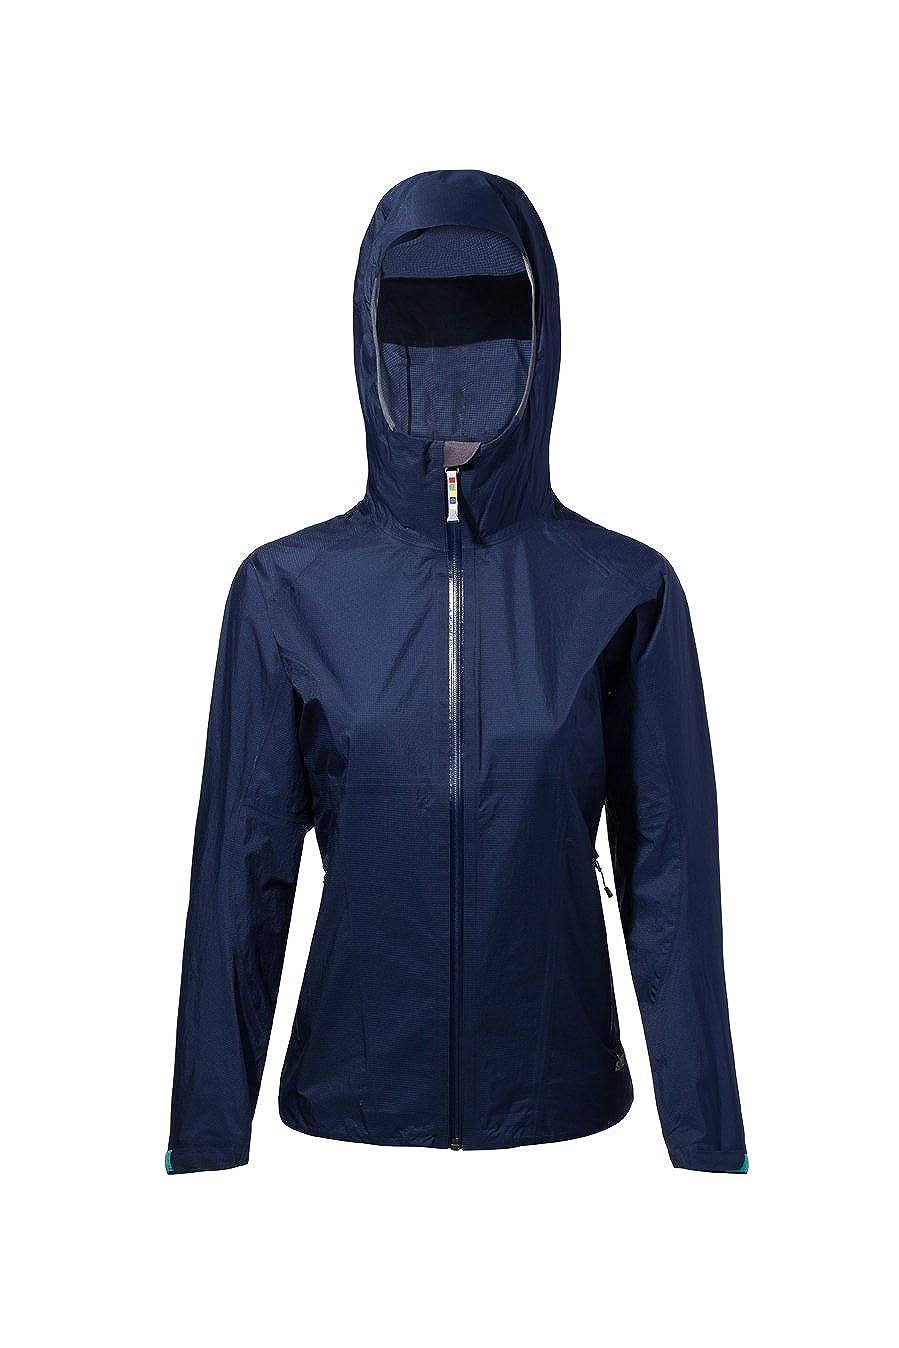 Sherpa Adventure Gear Womens Asaar Jacket